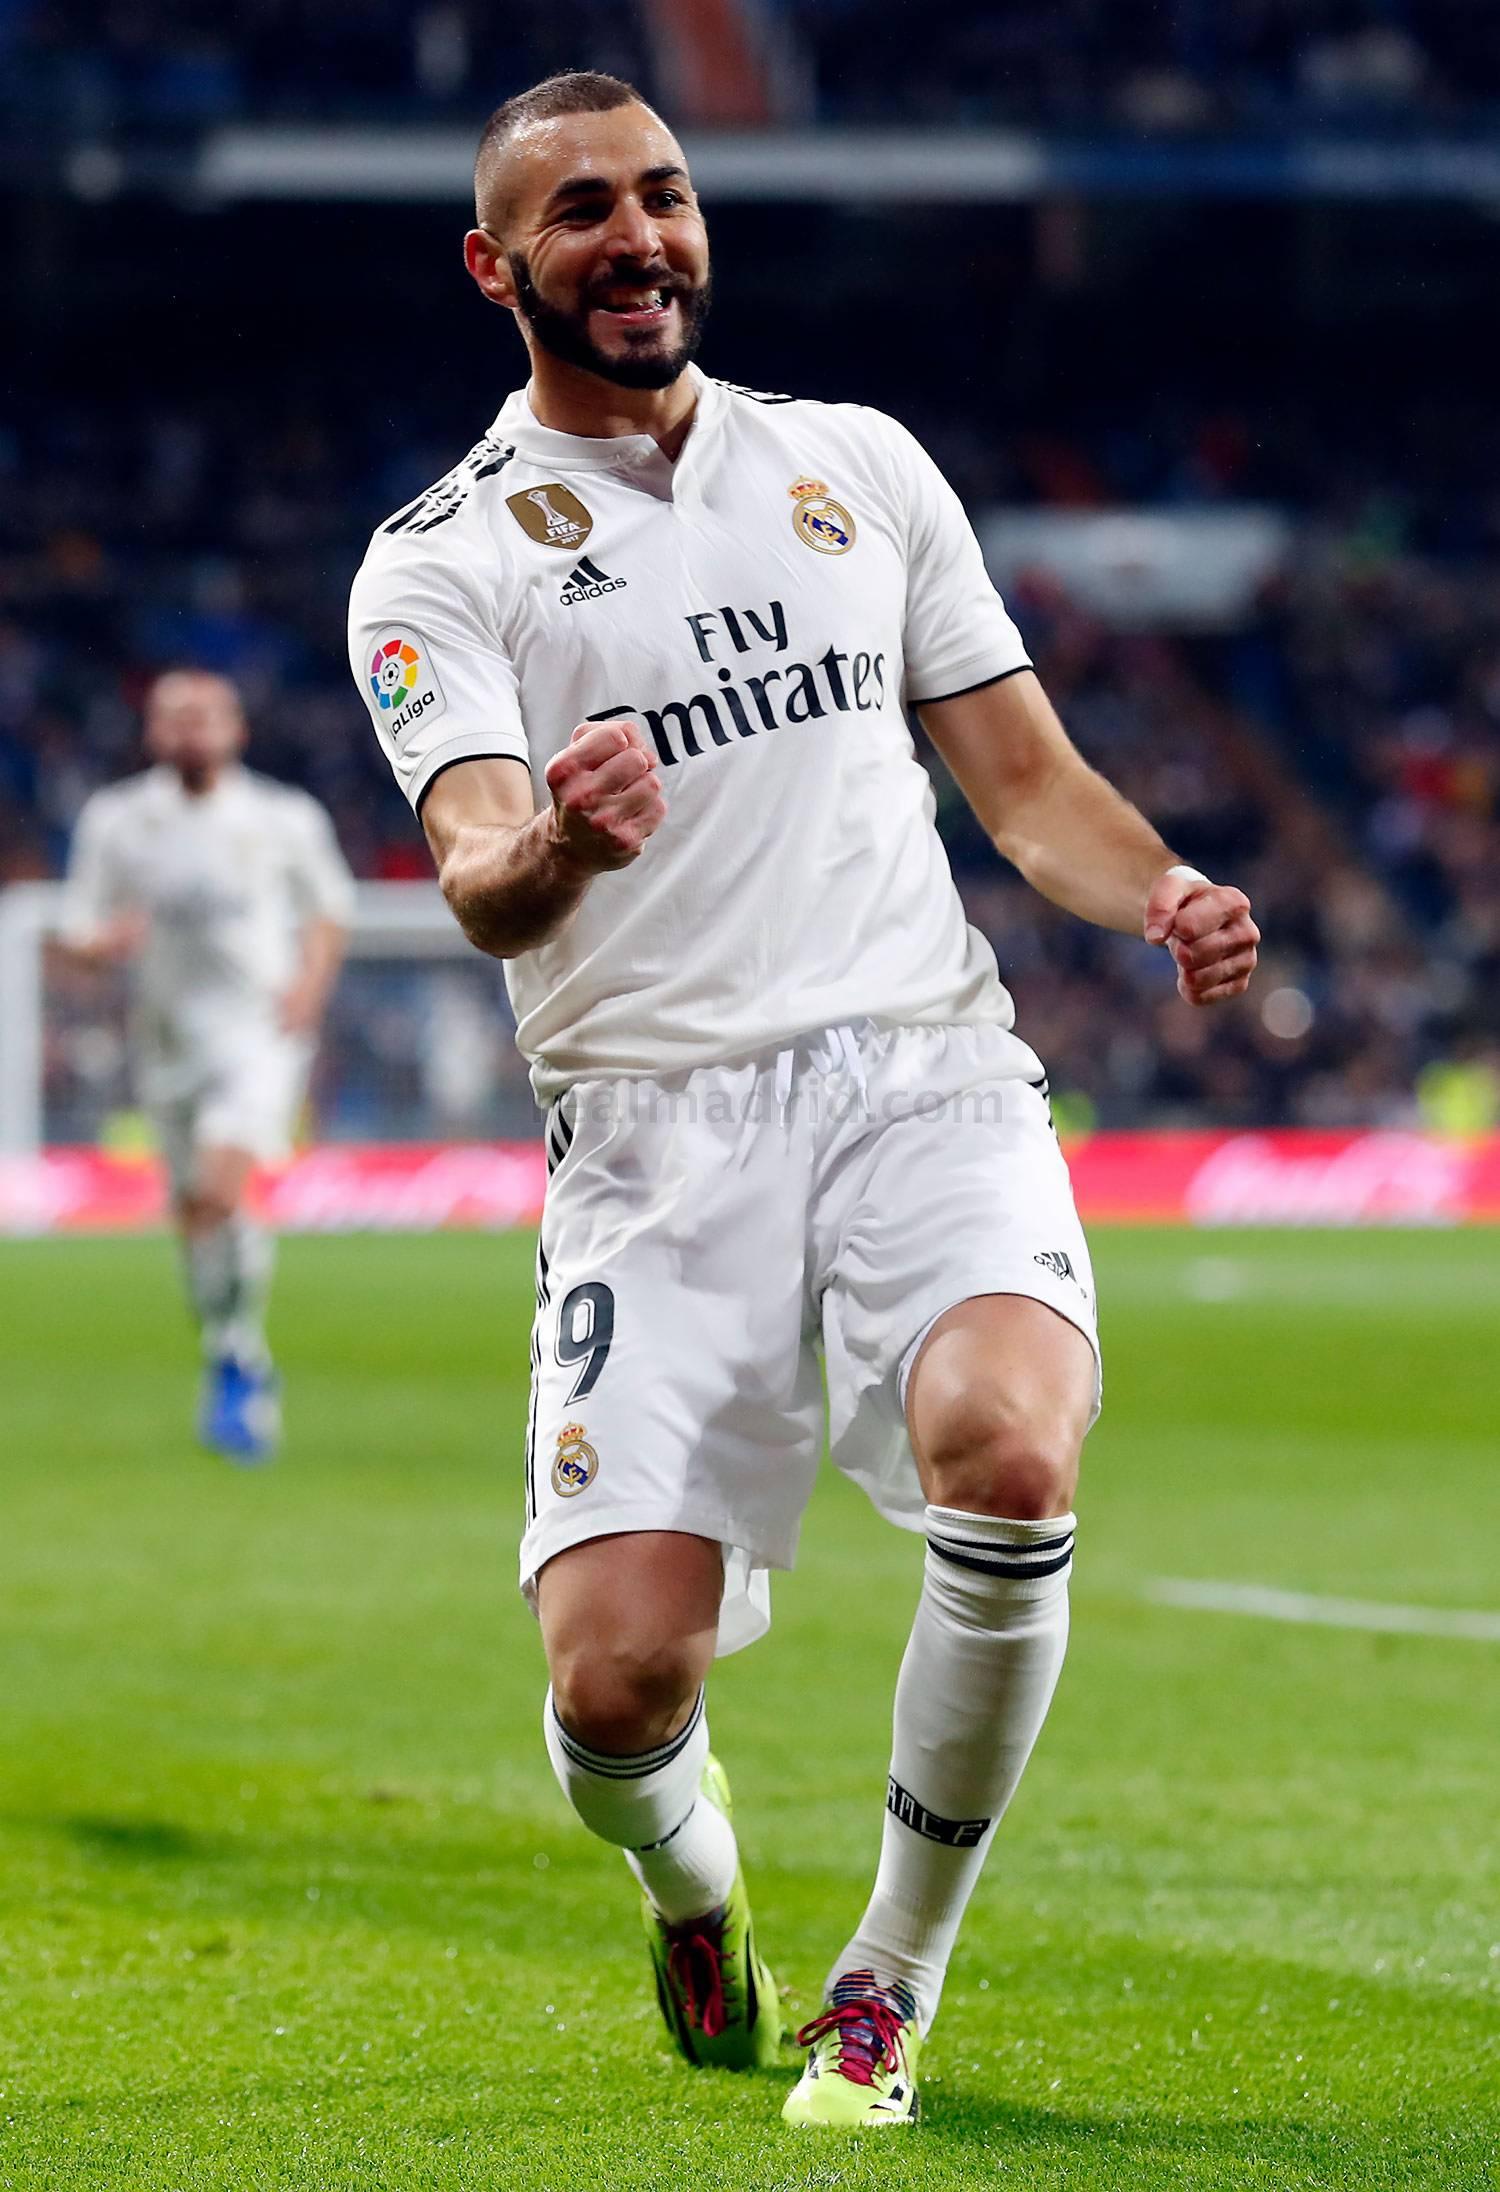 Ángel Martínez Real Madrid